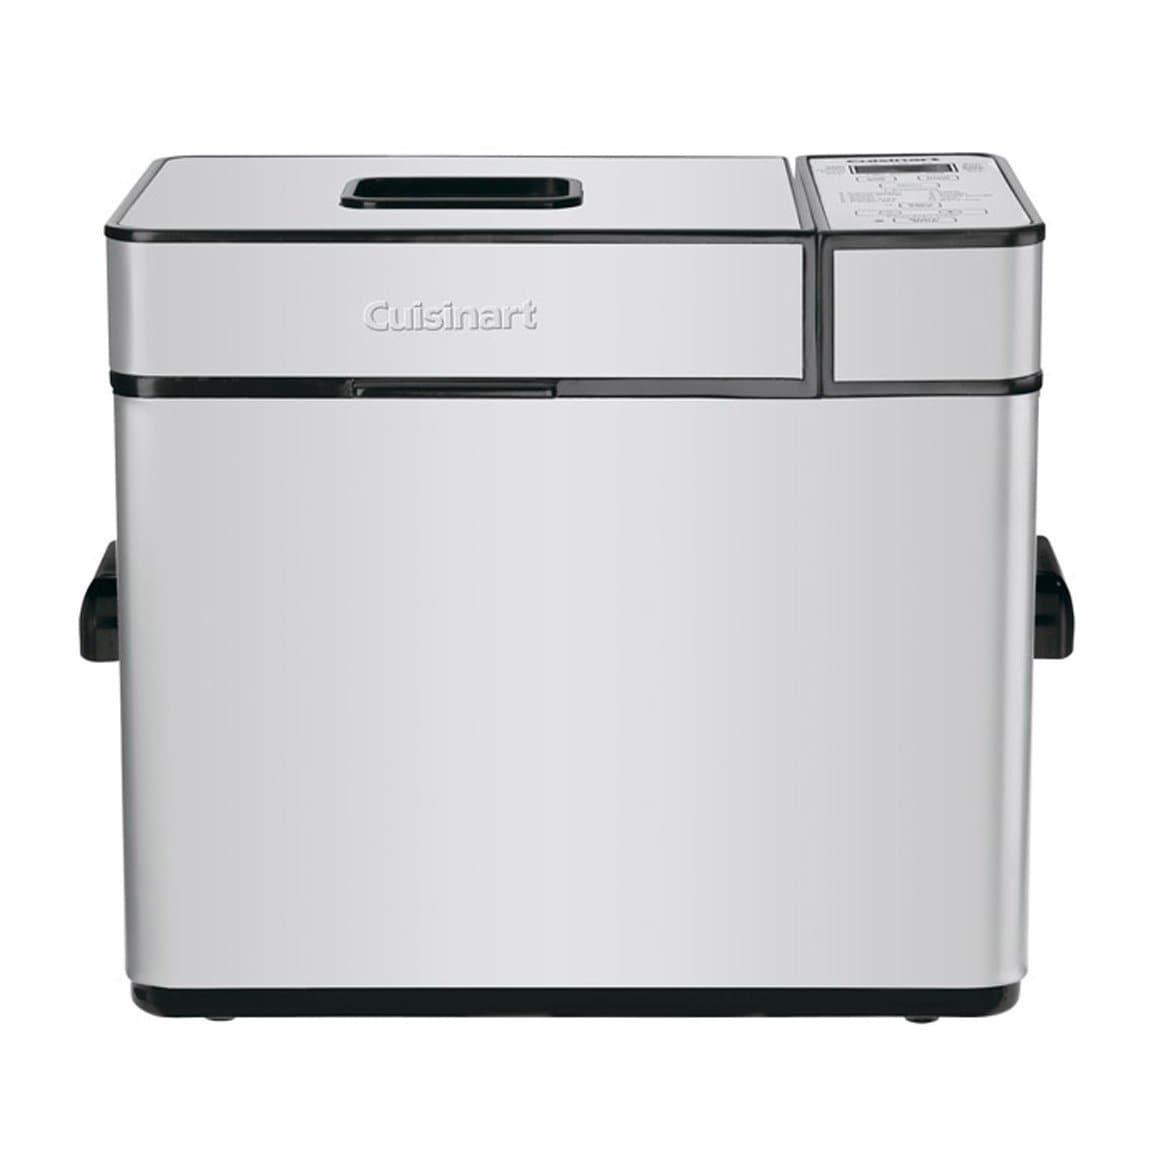 Cuisinart Automatic Bread Maker - CBK-100